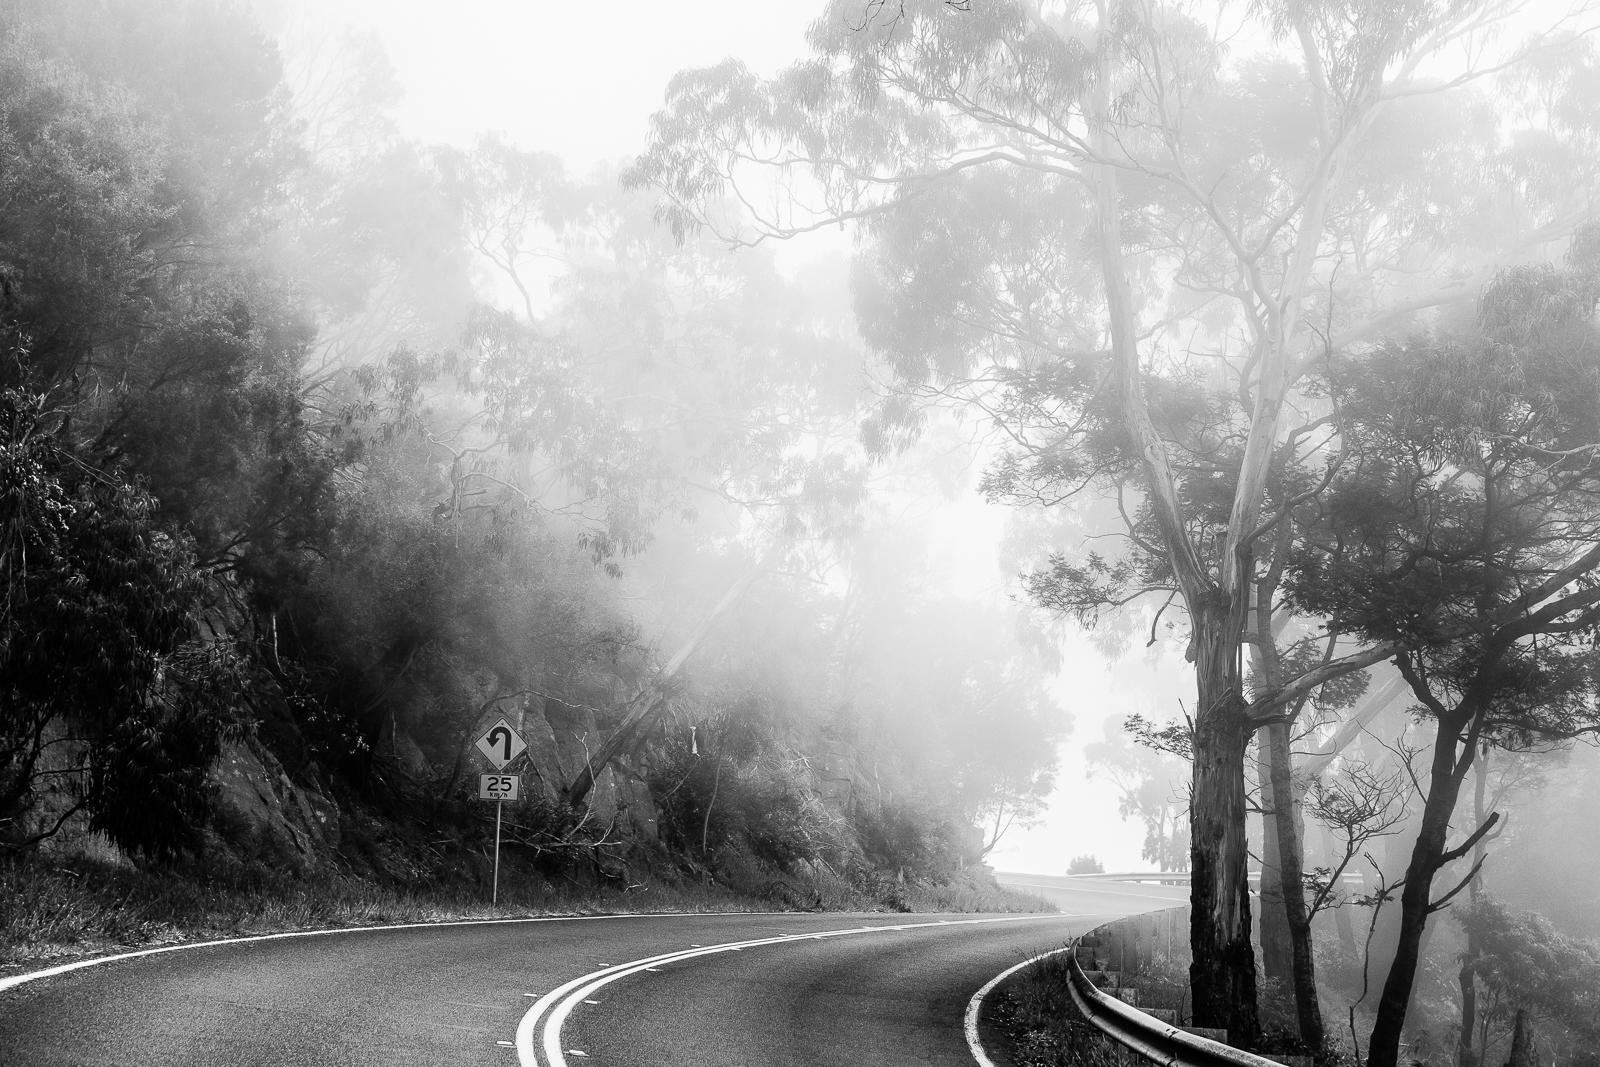 MAAPRITTE_Melbourne_Curtes_8564.jpg